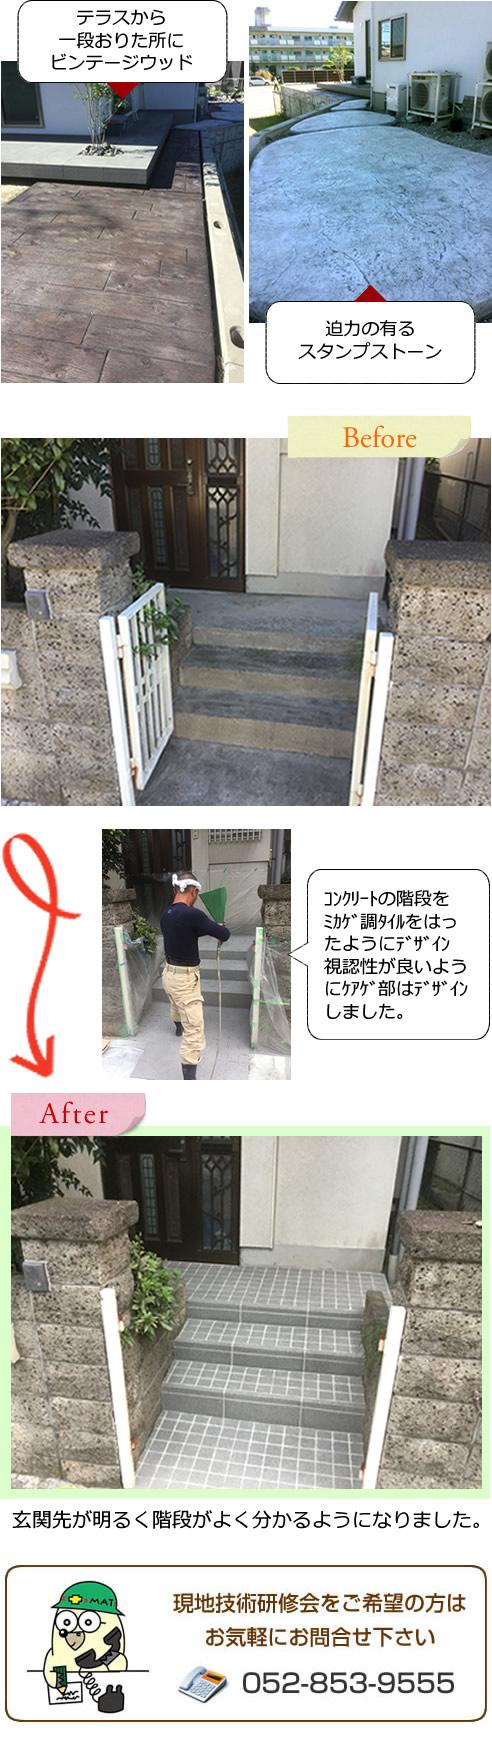 urayama_2.jpg